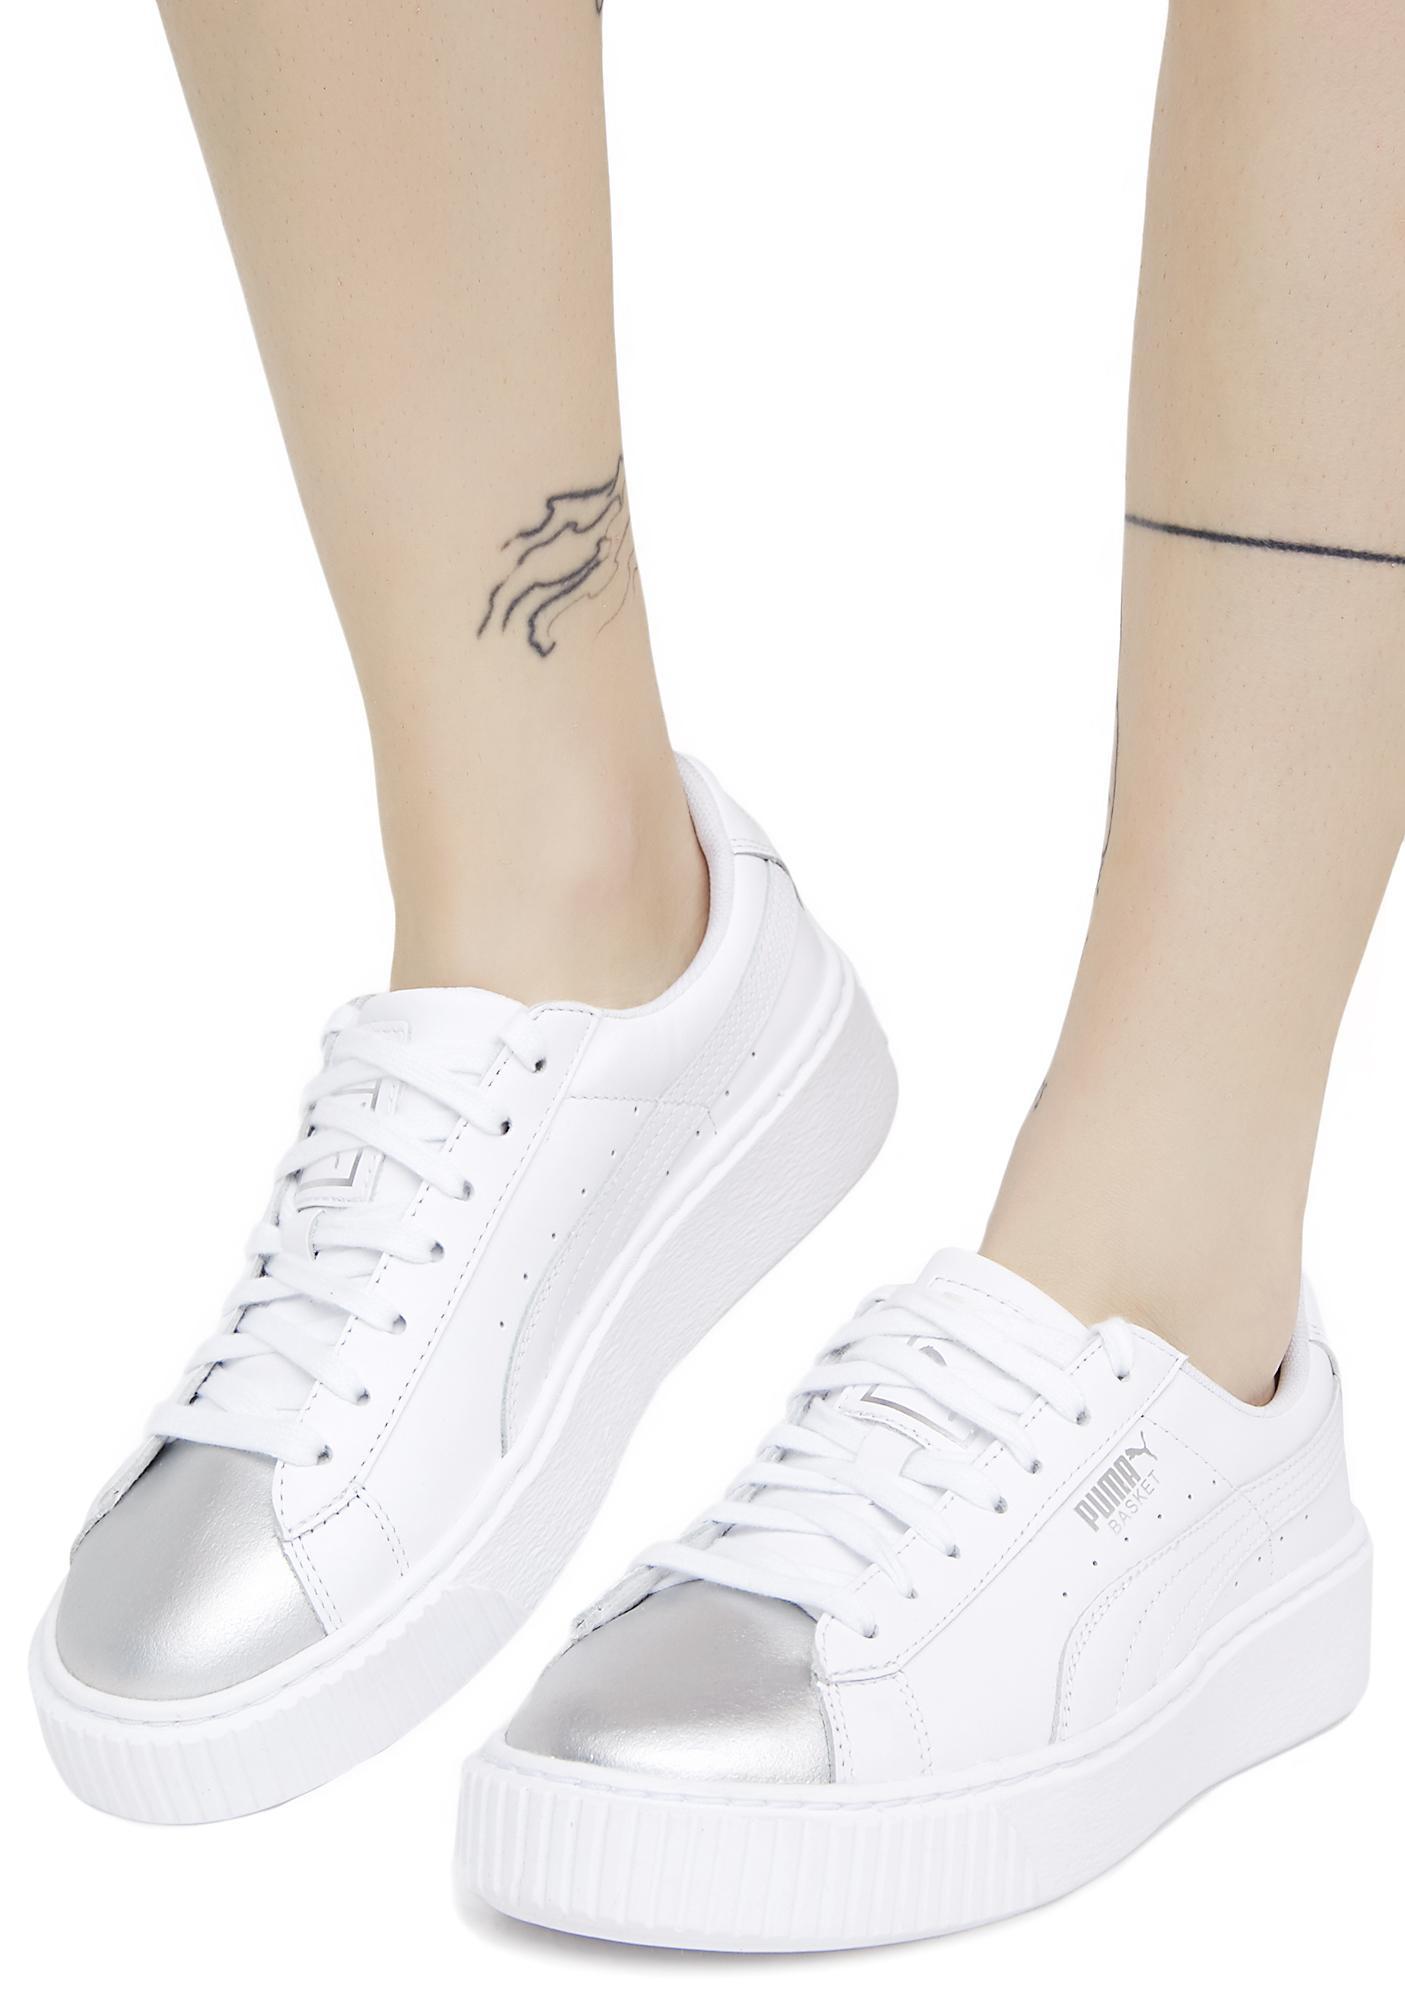 784d5862 Basket Platform Iridescent Sneakers